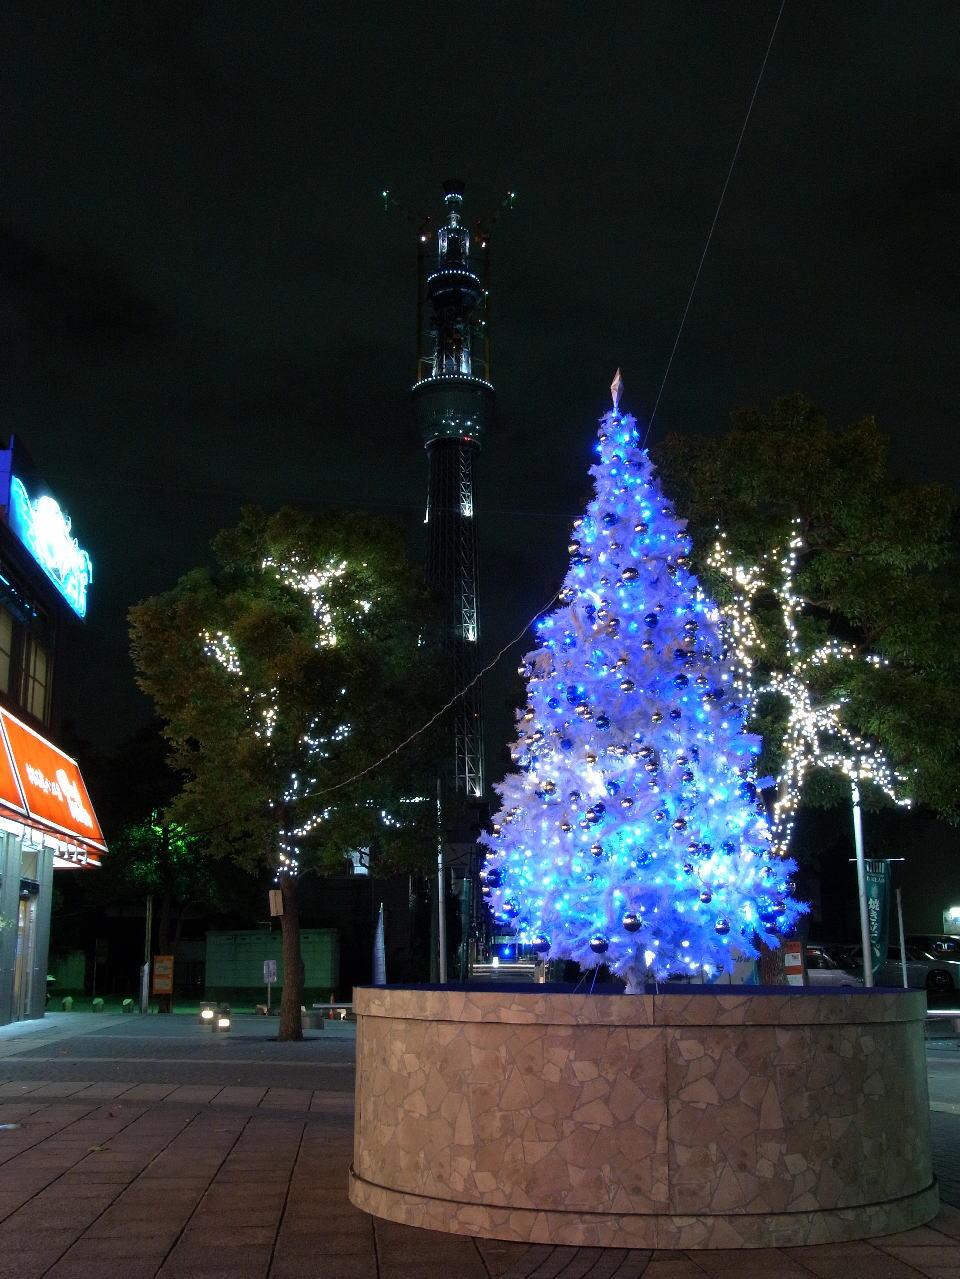 クリスマスツリーとスカイツリー